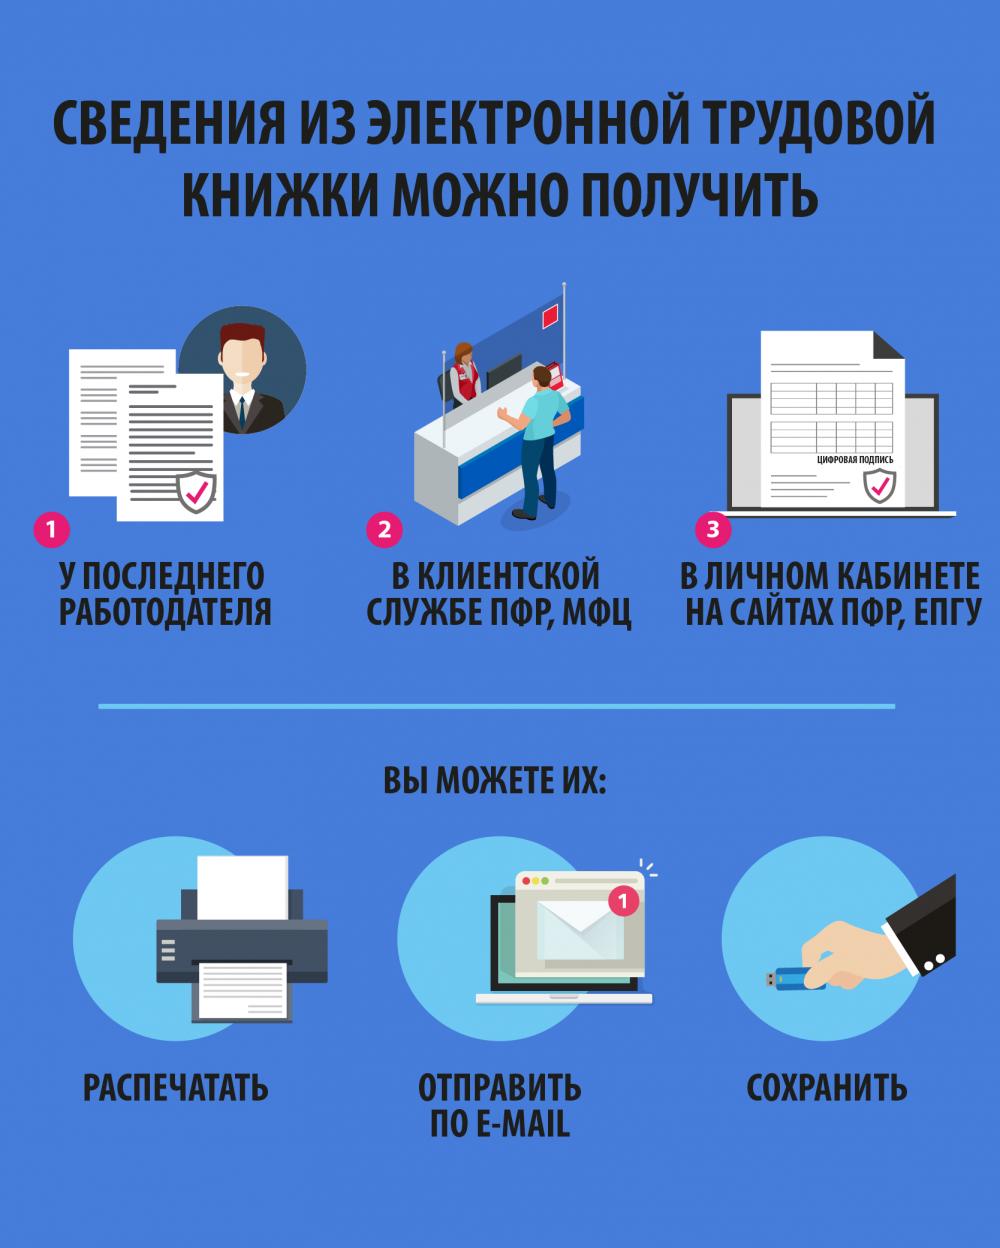 В России вводятся электронные трудовые книжки